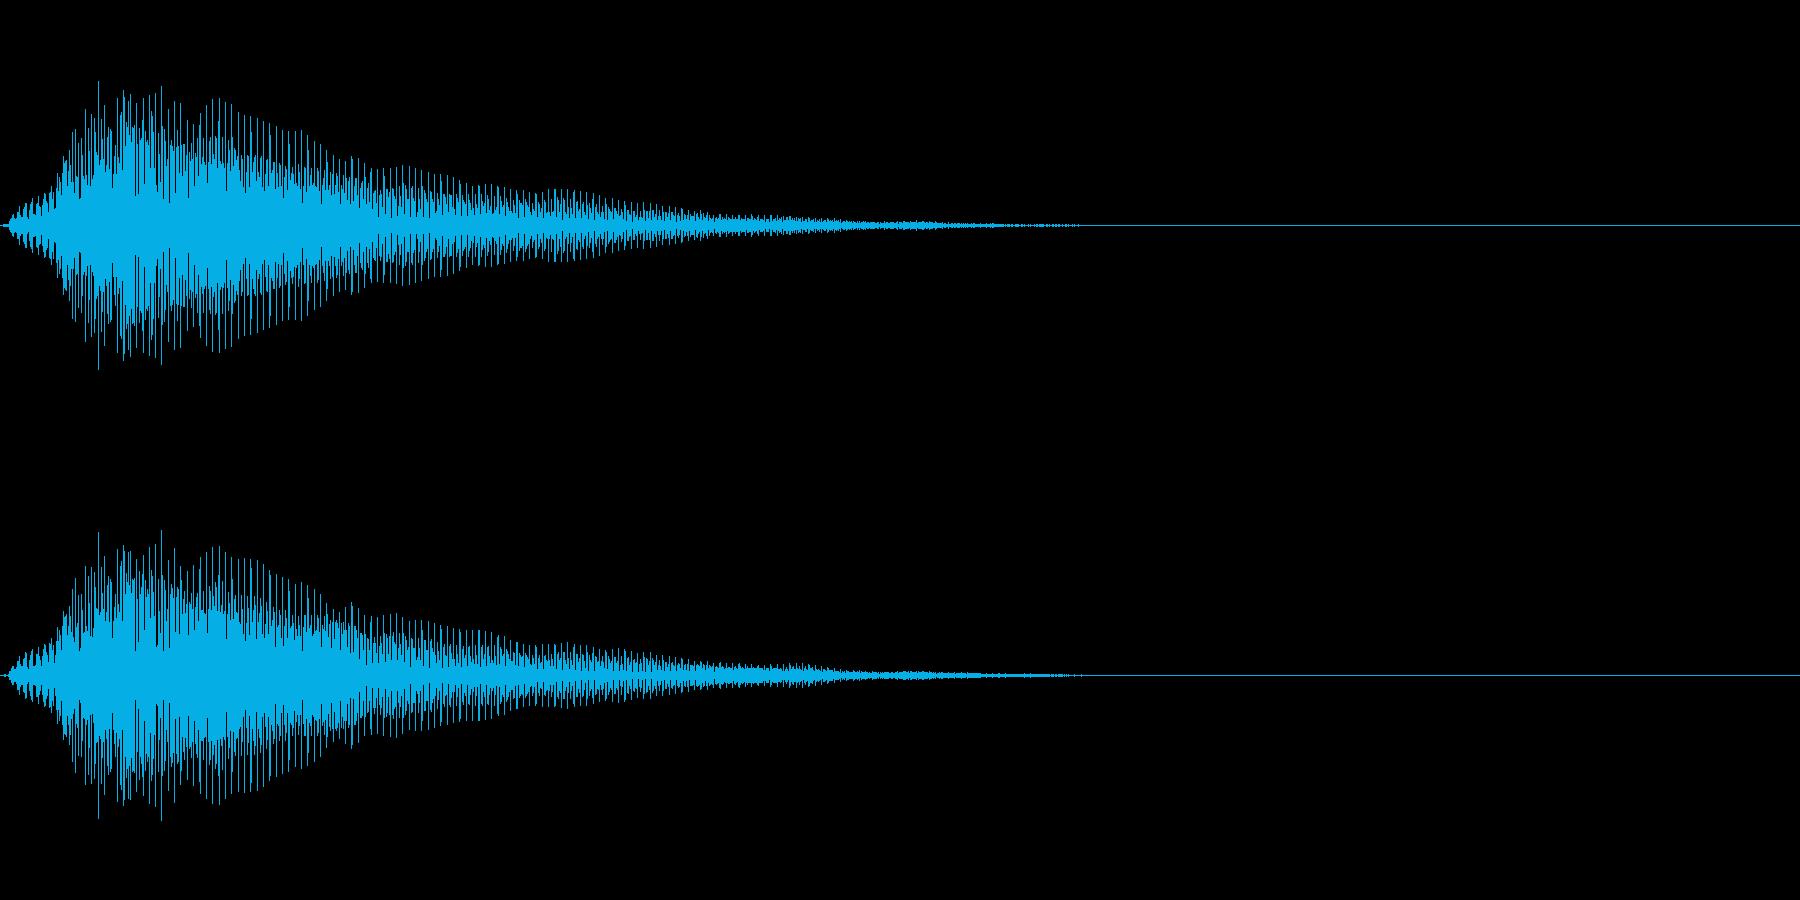 緩い電子音の再生済みの波形